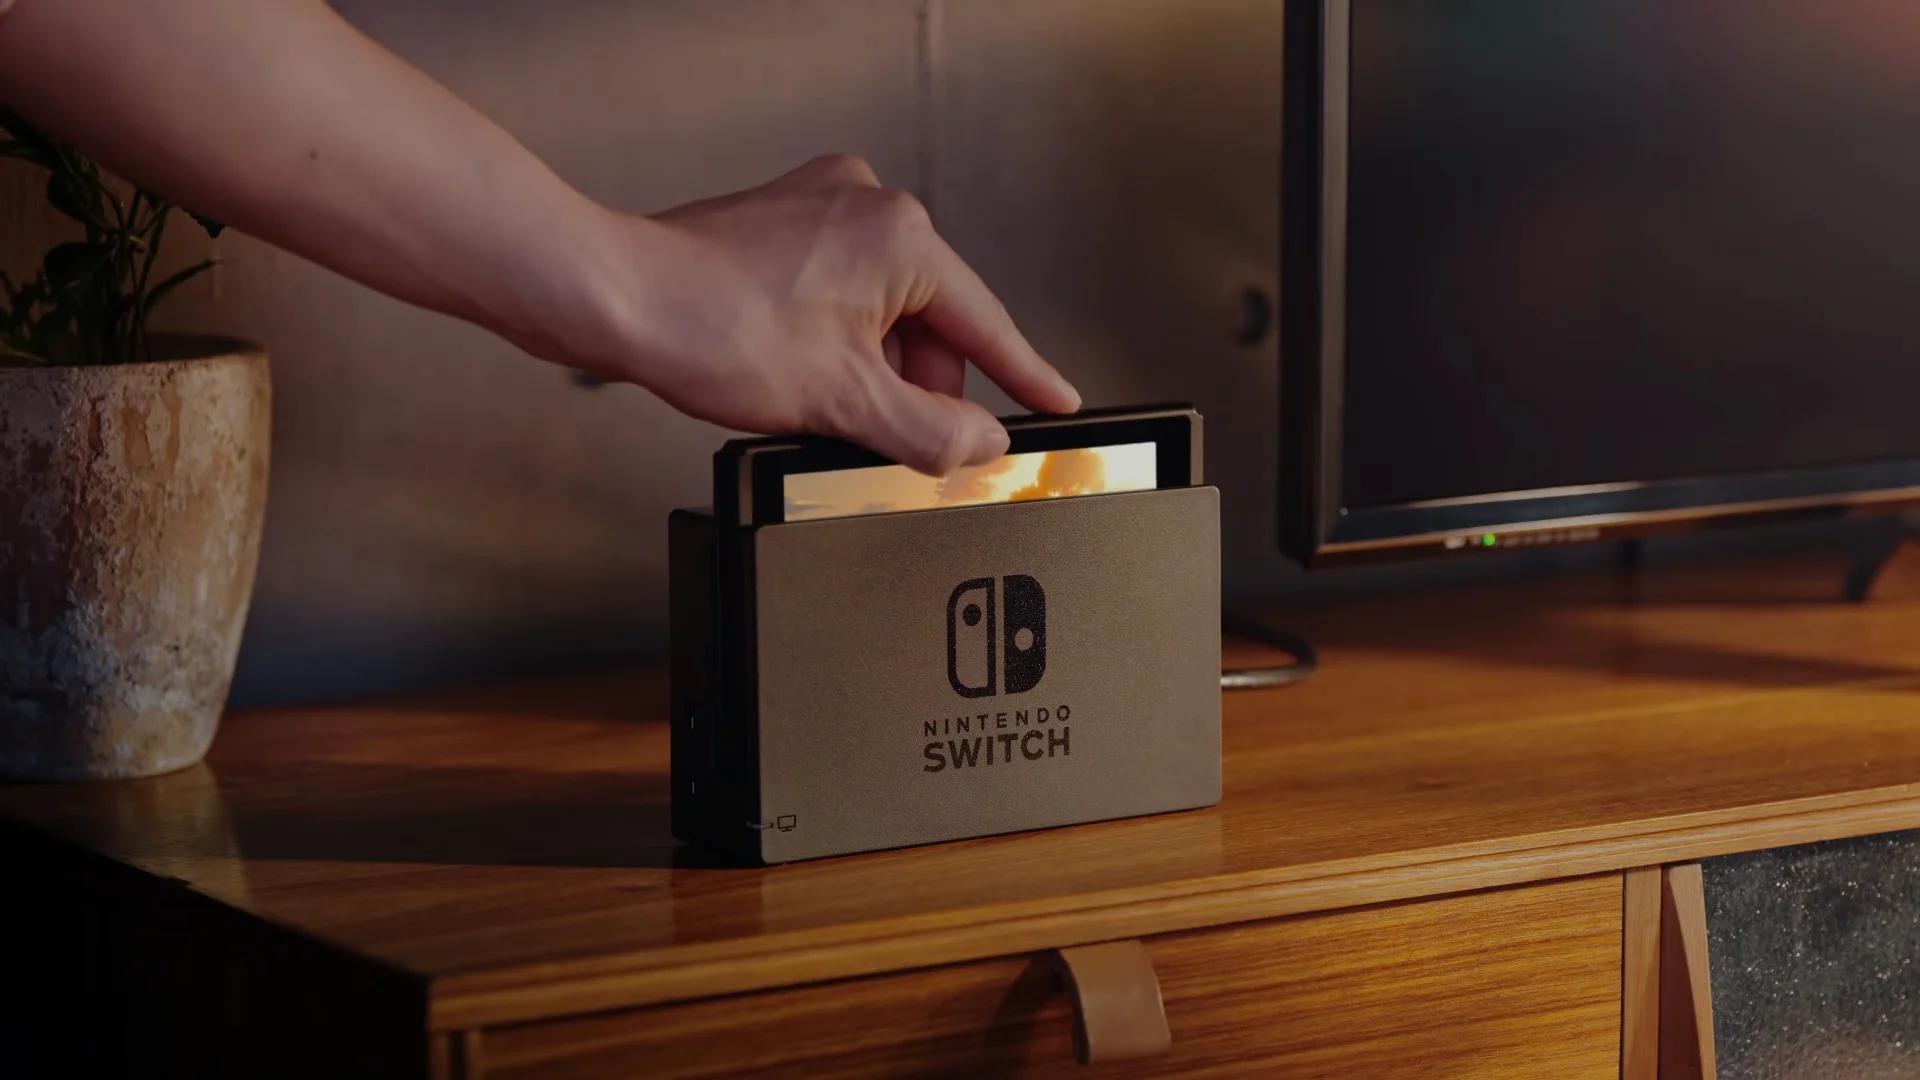 Πρόεδρος της Nintendo : Επικεντρωνόμαστε στη διασκέδαση έναντι της τεχνολογικής ισχύος